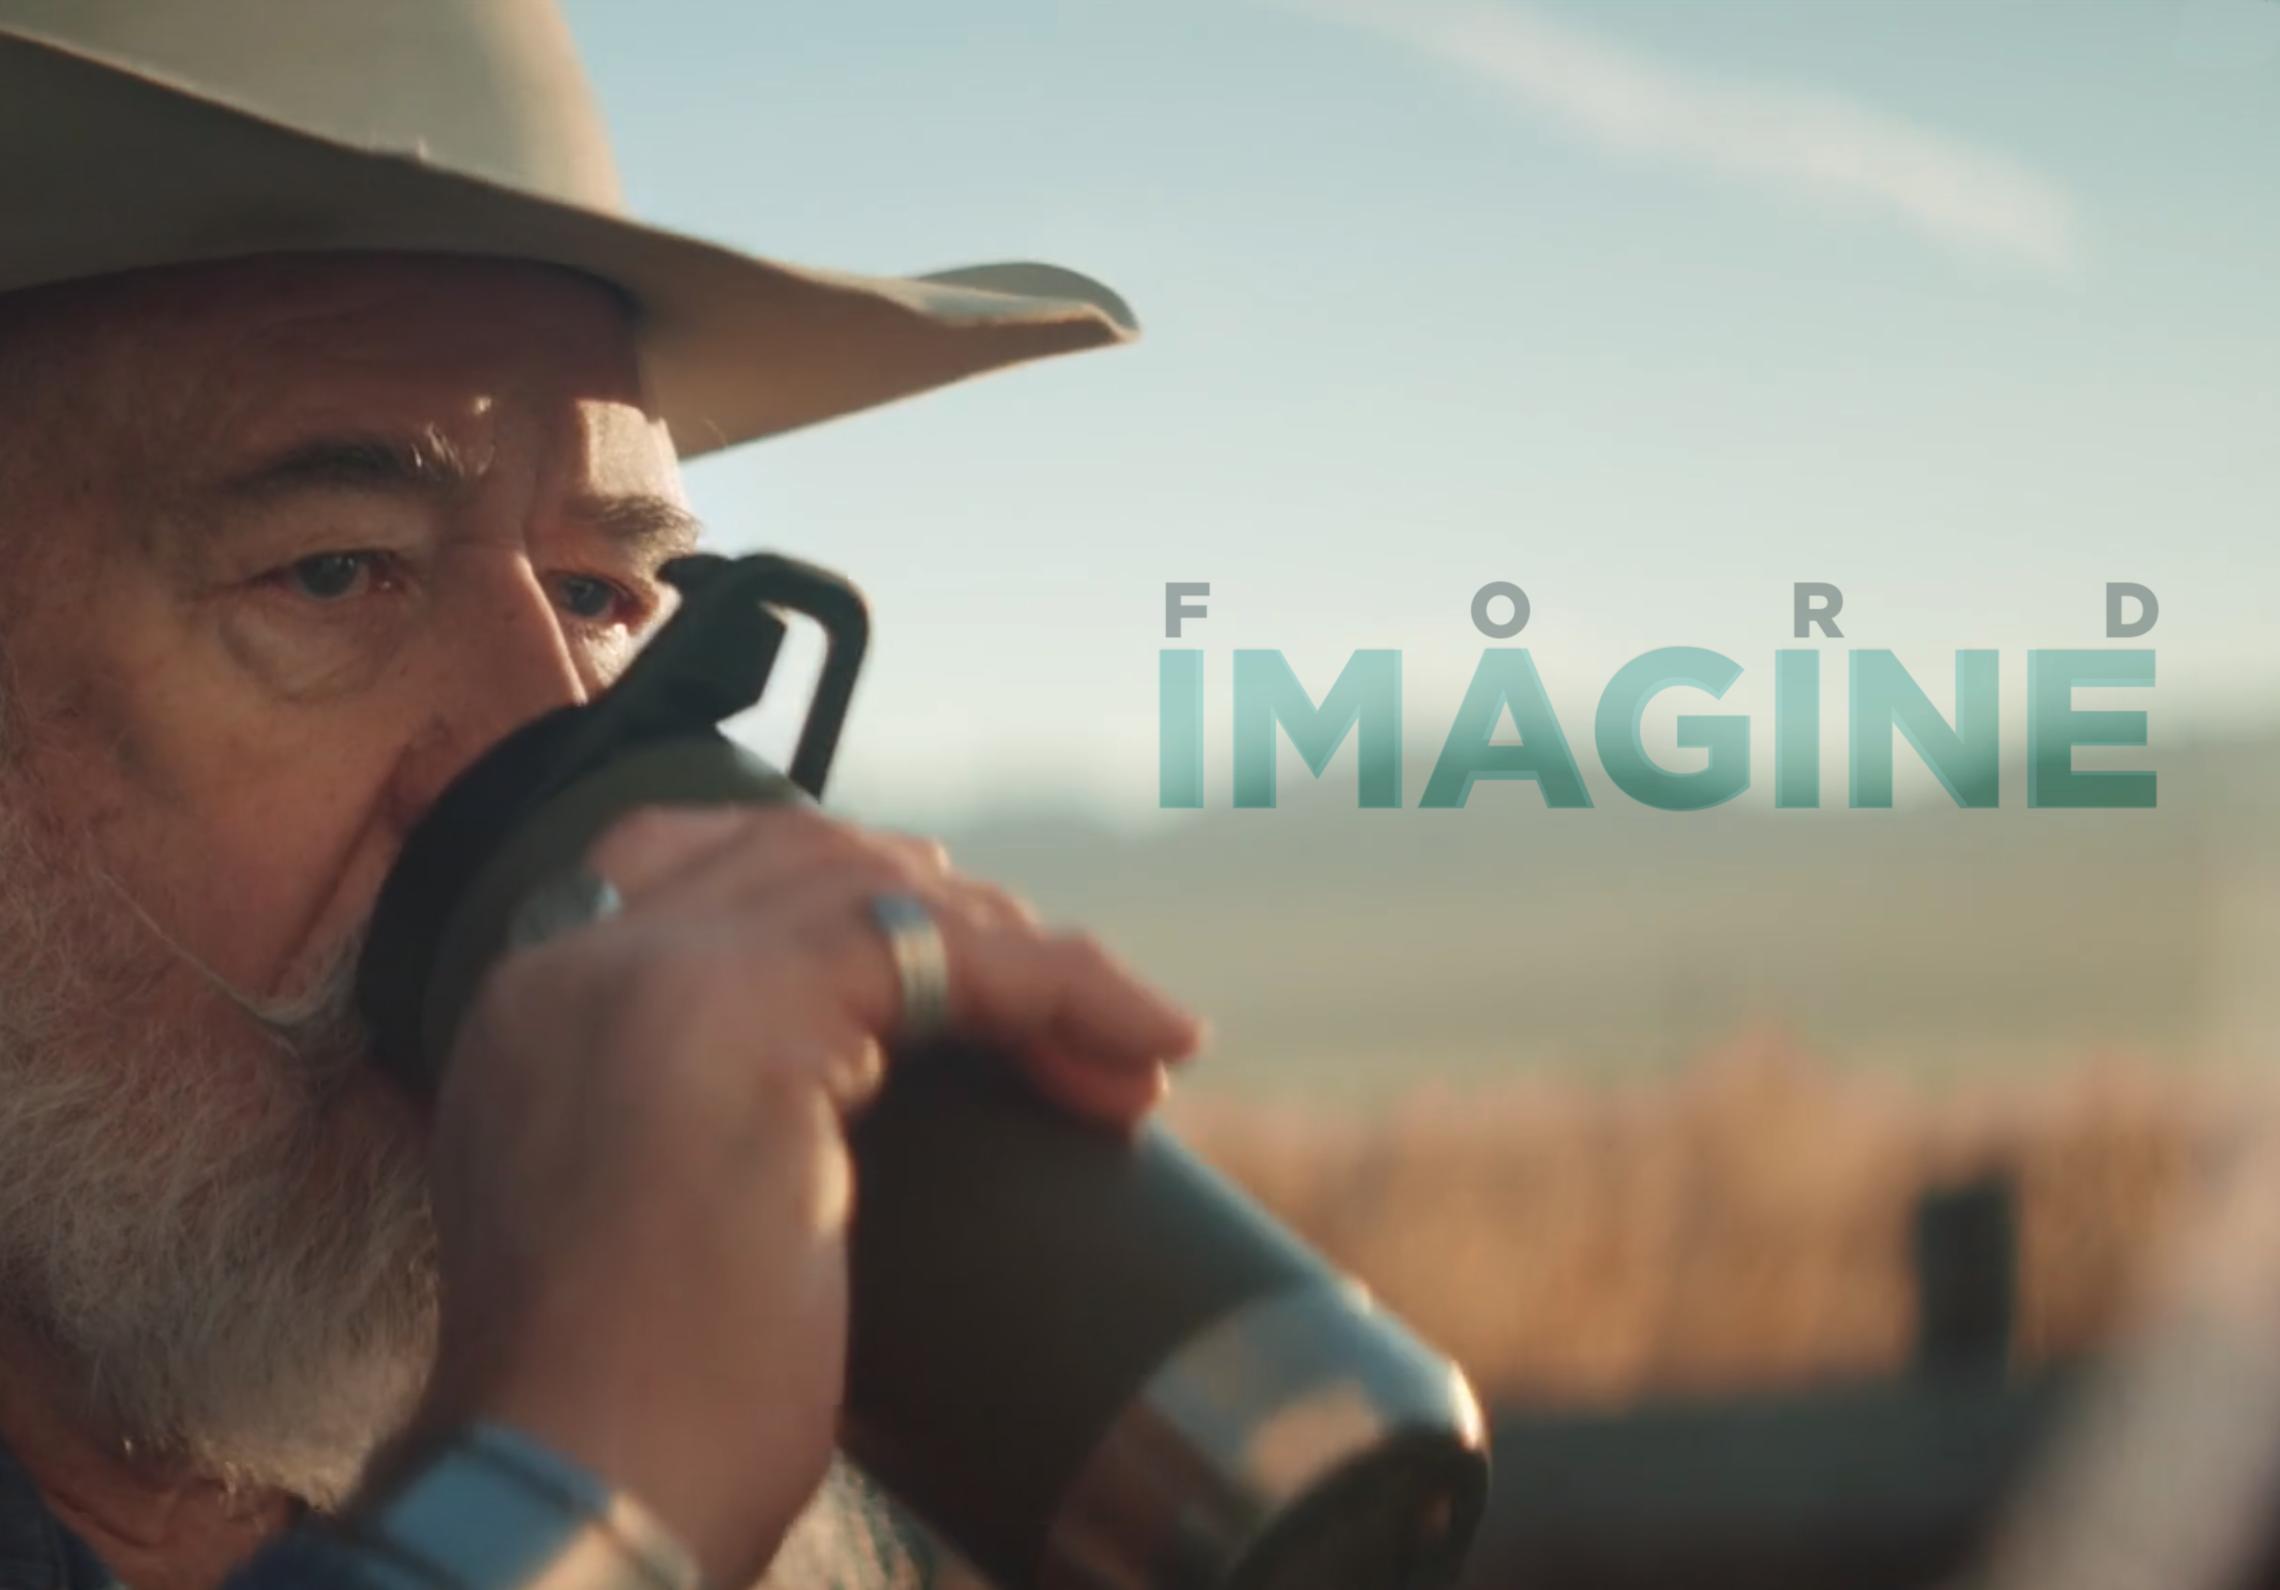 FORD F150 | IMAGINE